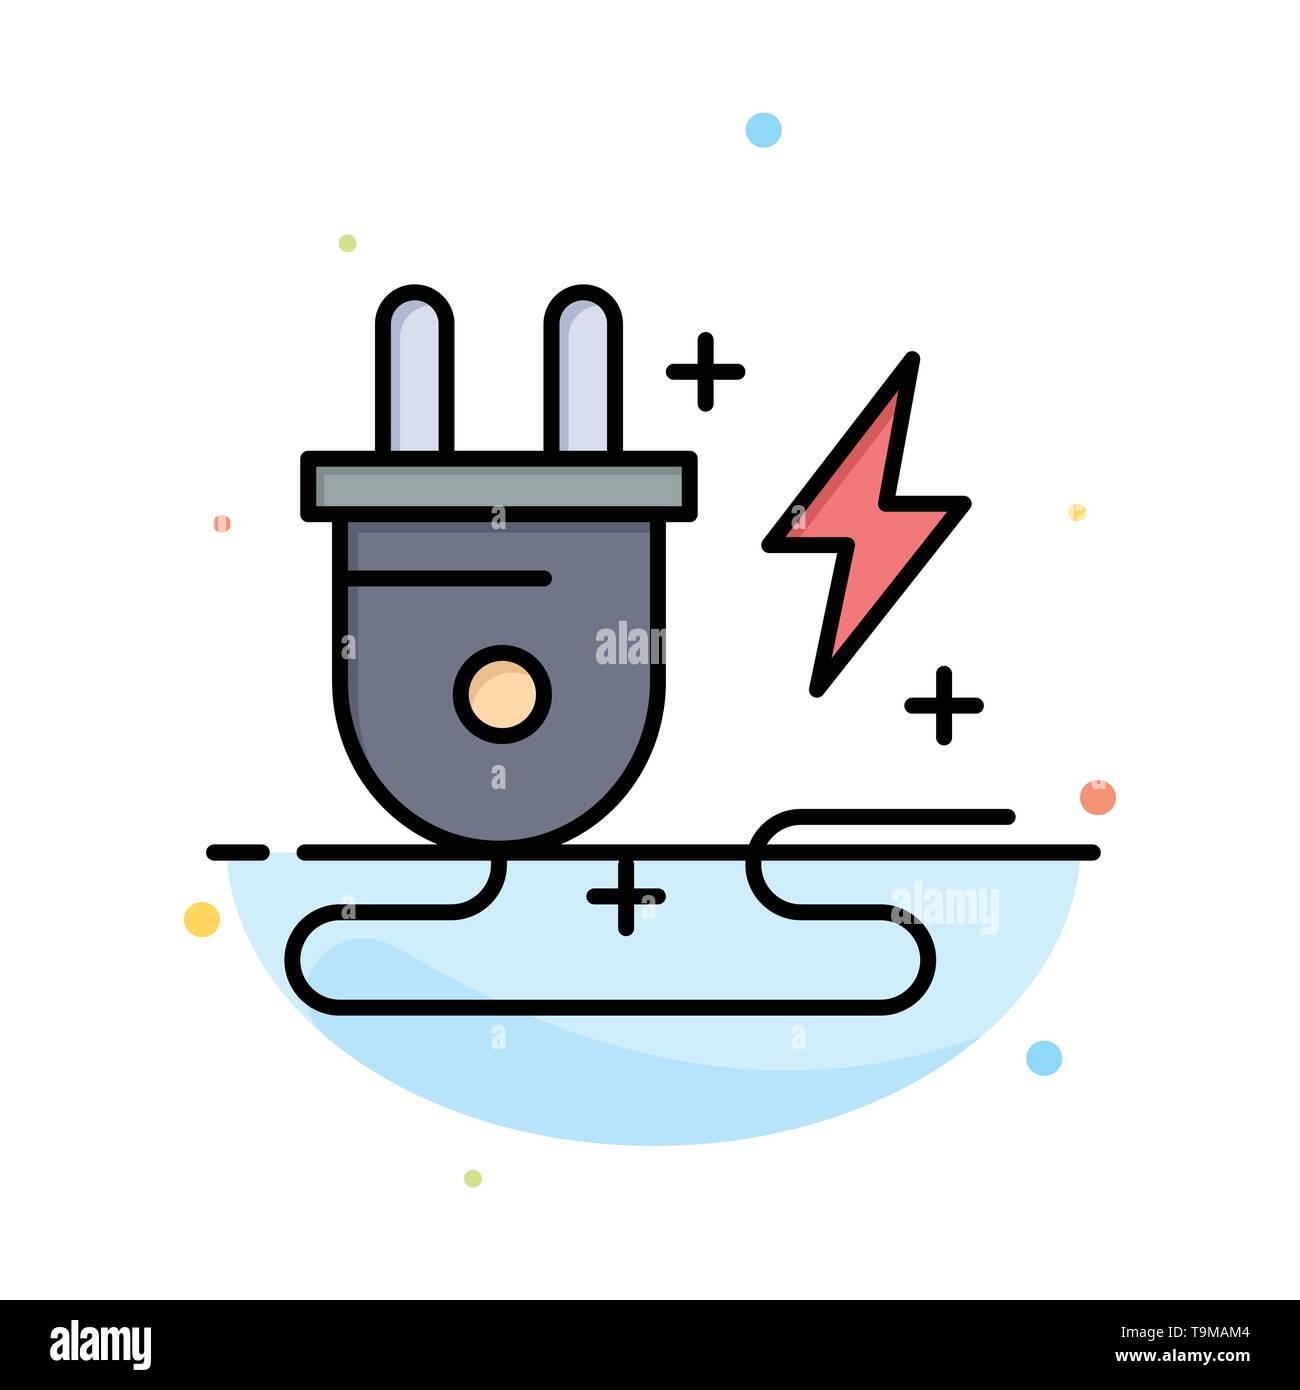 Energie, Stecker, Stromversorgung, Natur abstrakt flachen Farbe Symbol Vorlage Stockbild